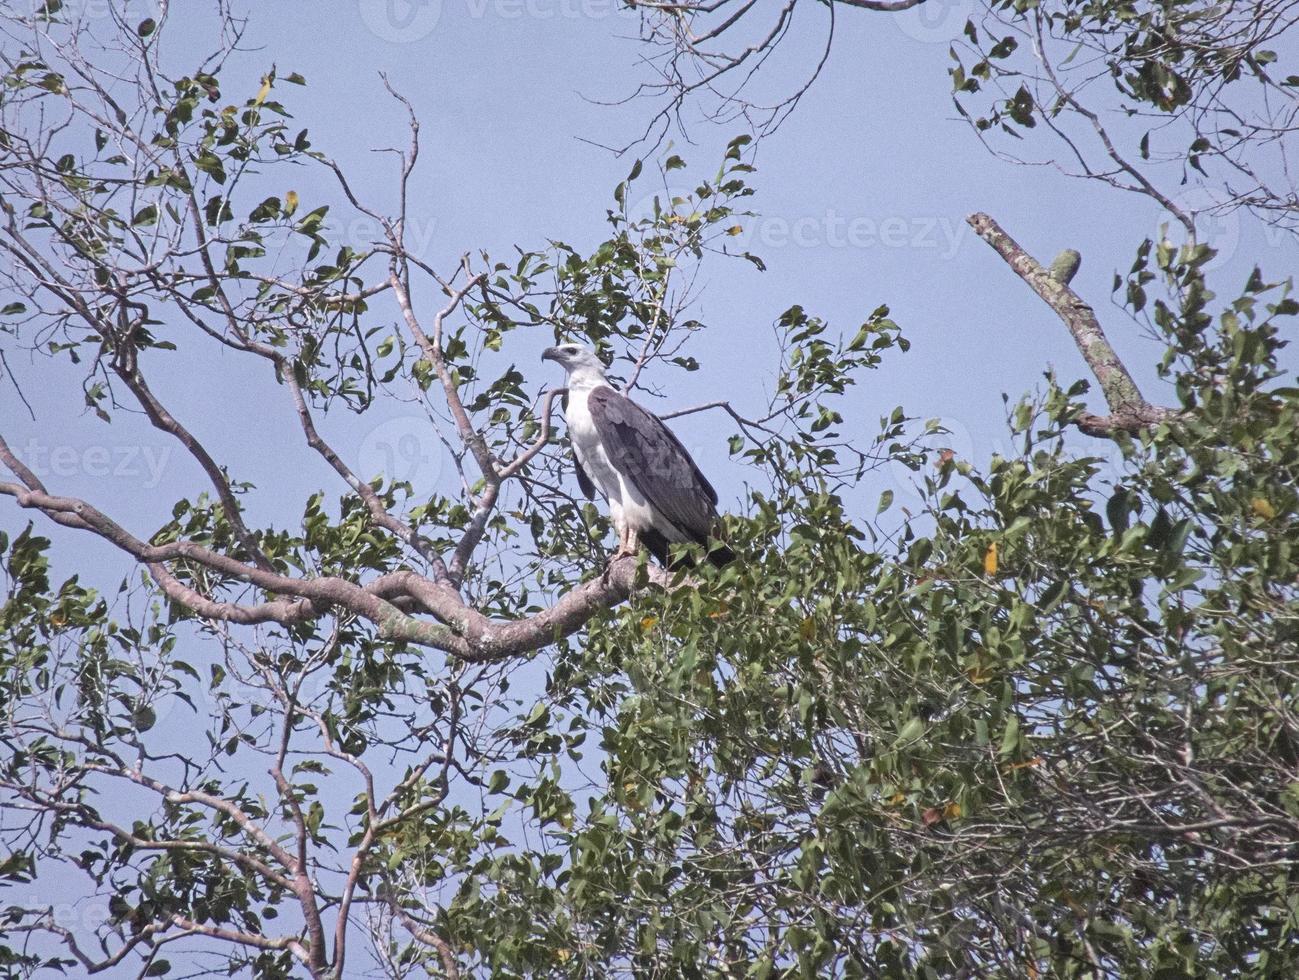 águila marina de vientre blanco encaramada en la copa de un árbol foto